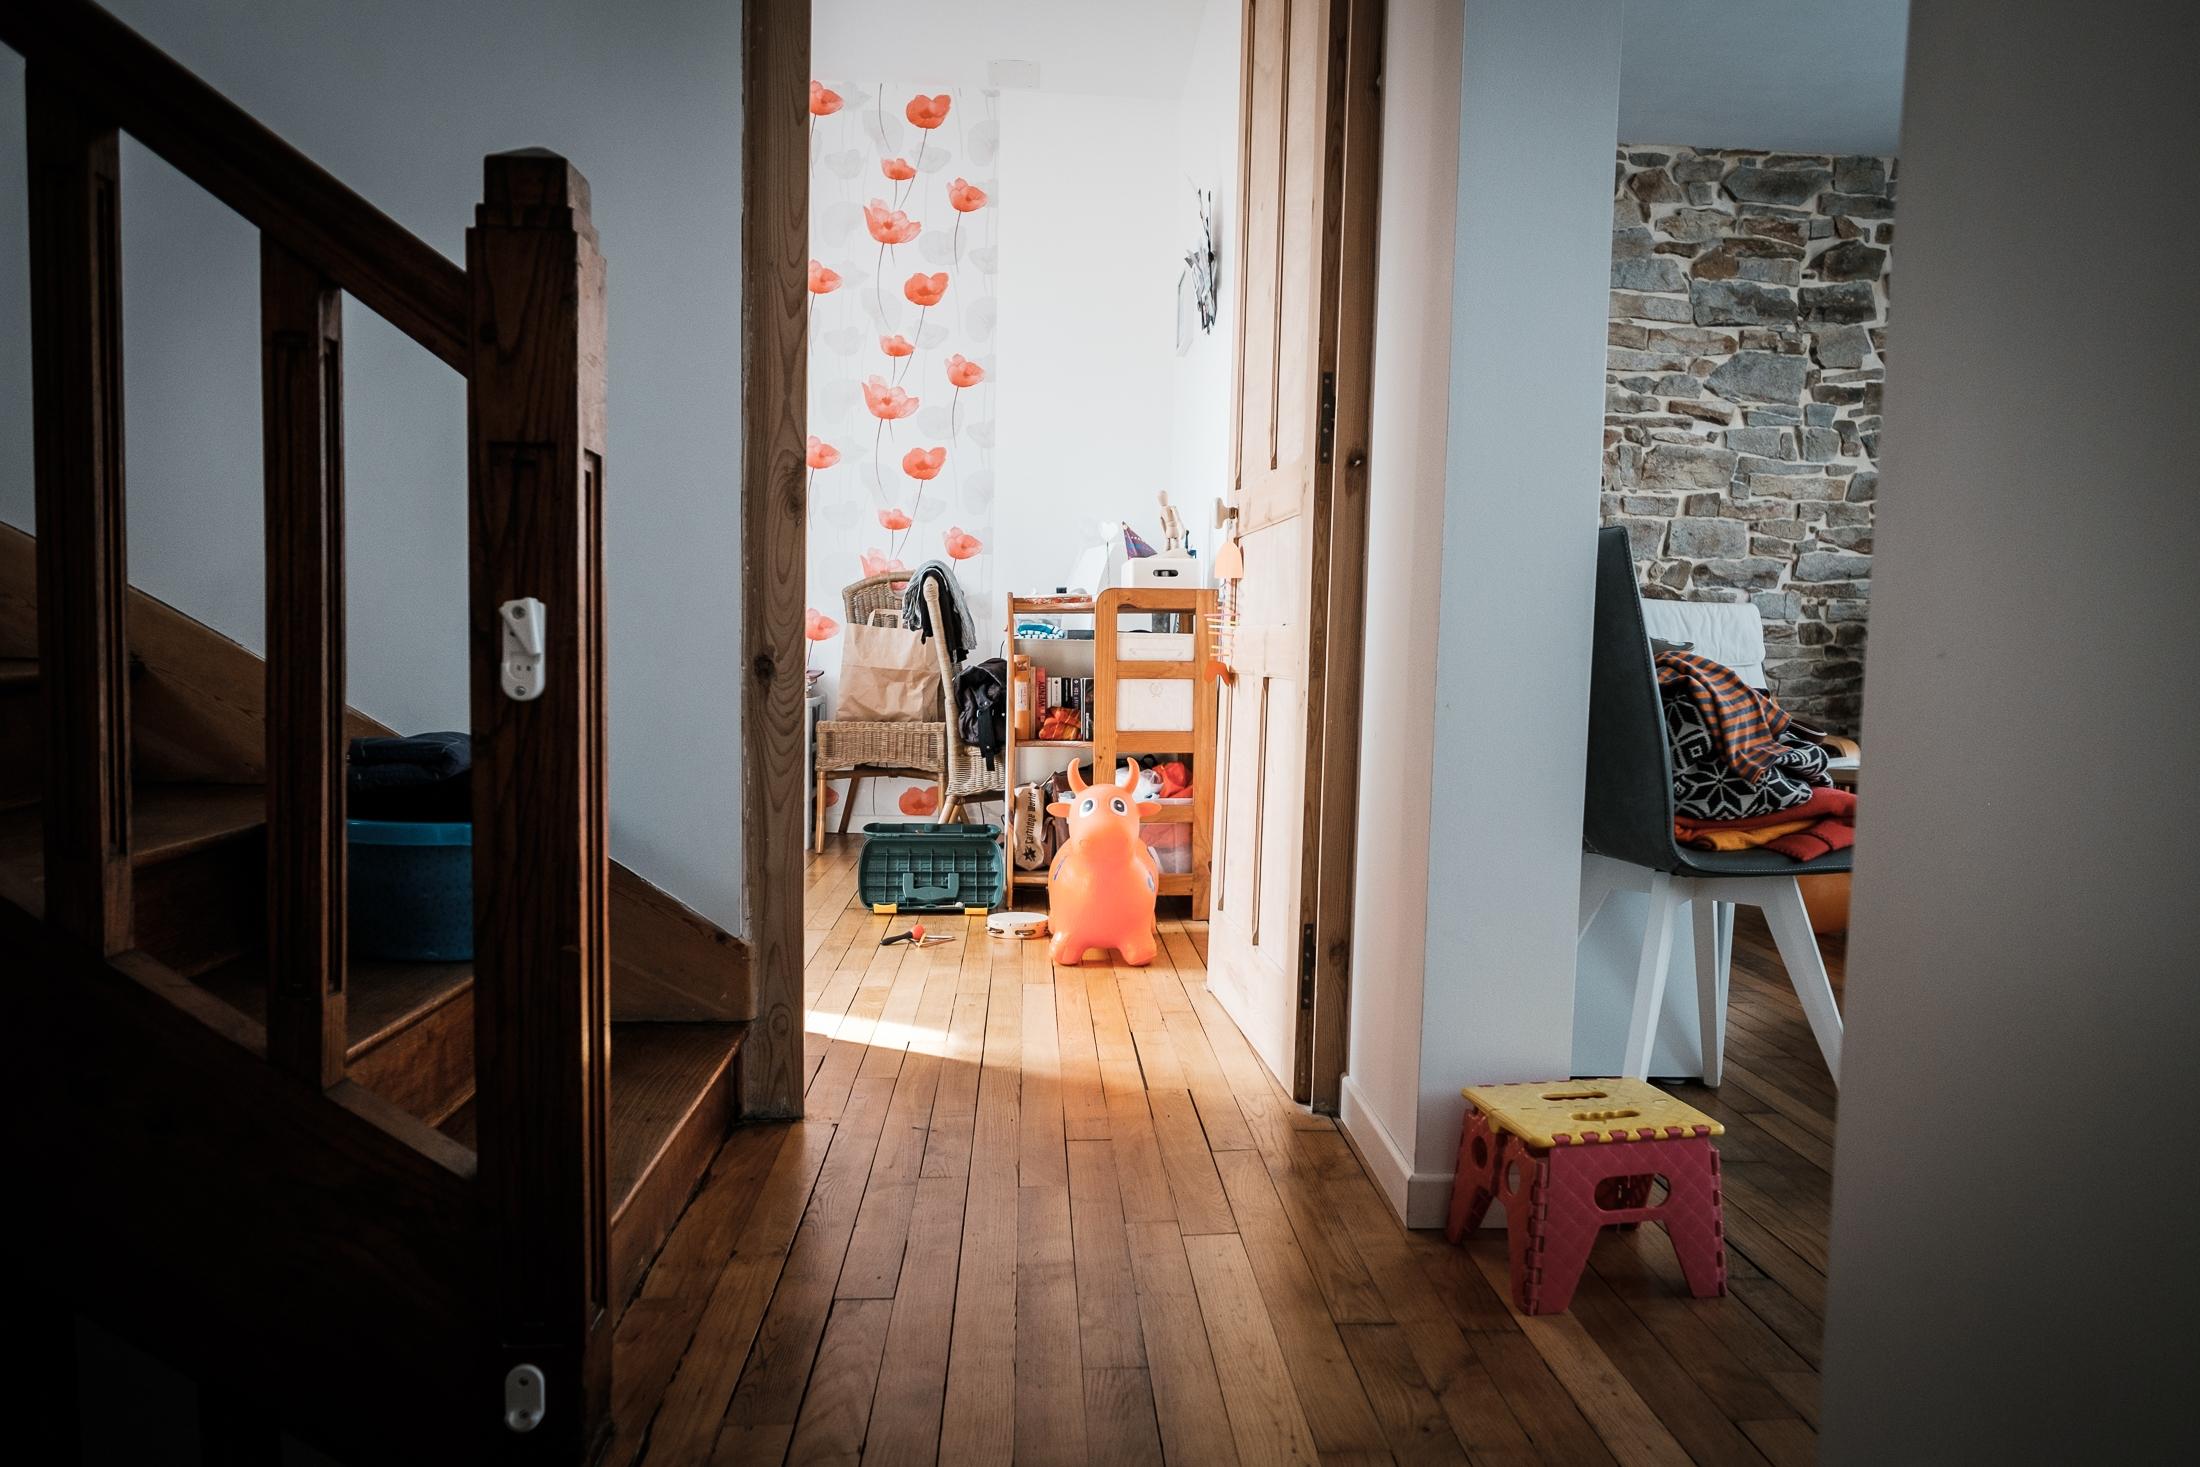 prestations photographe famille nature morte chambre d'enfant